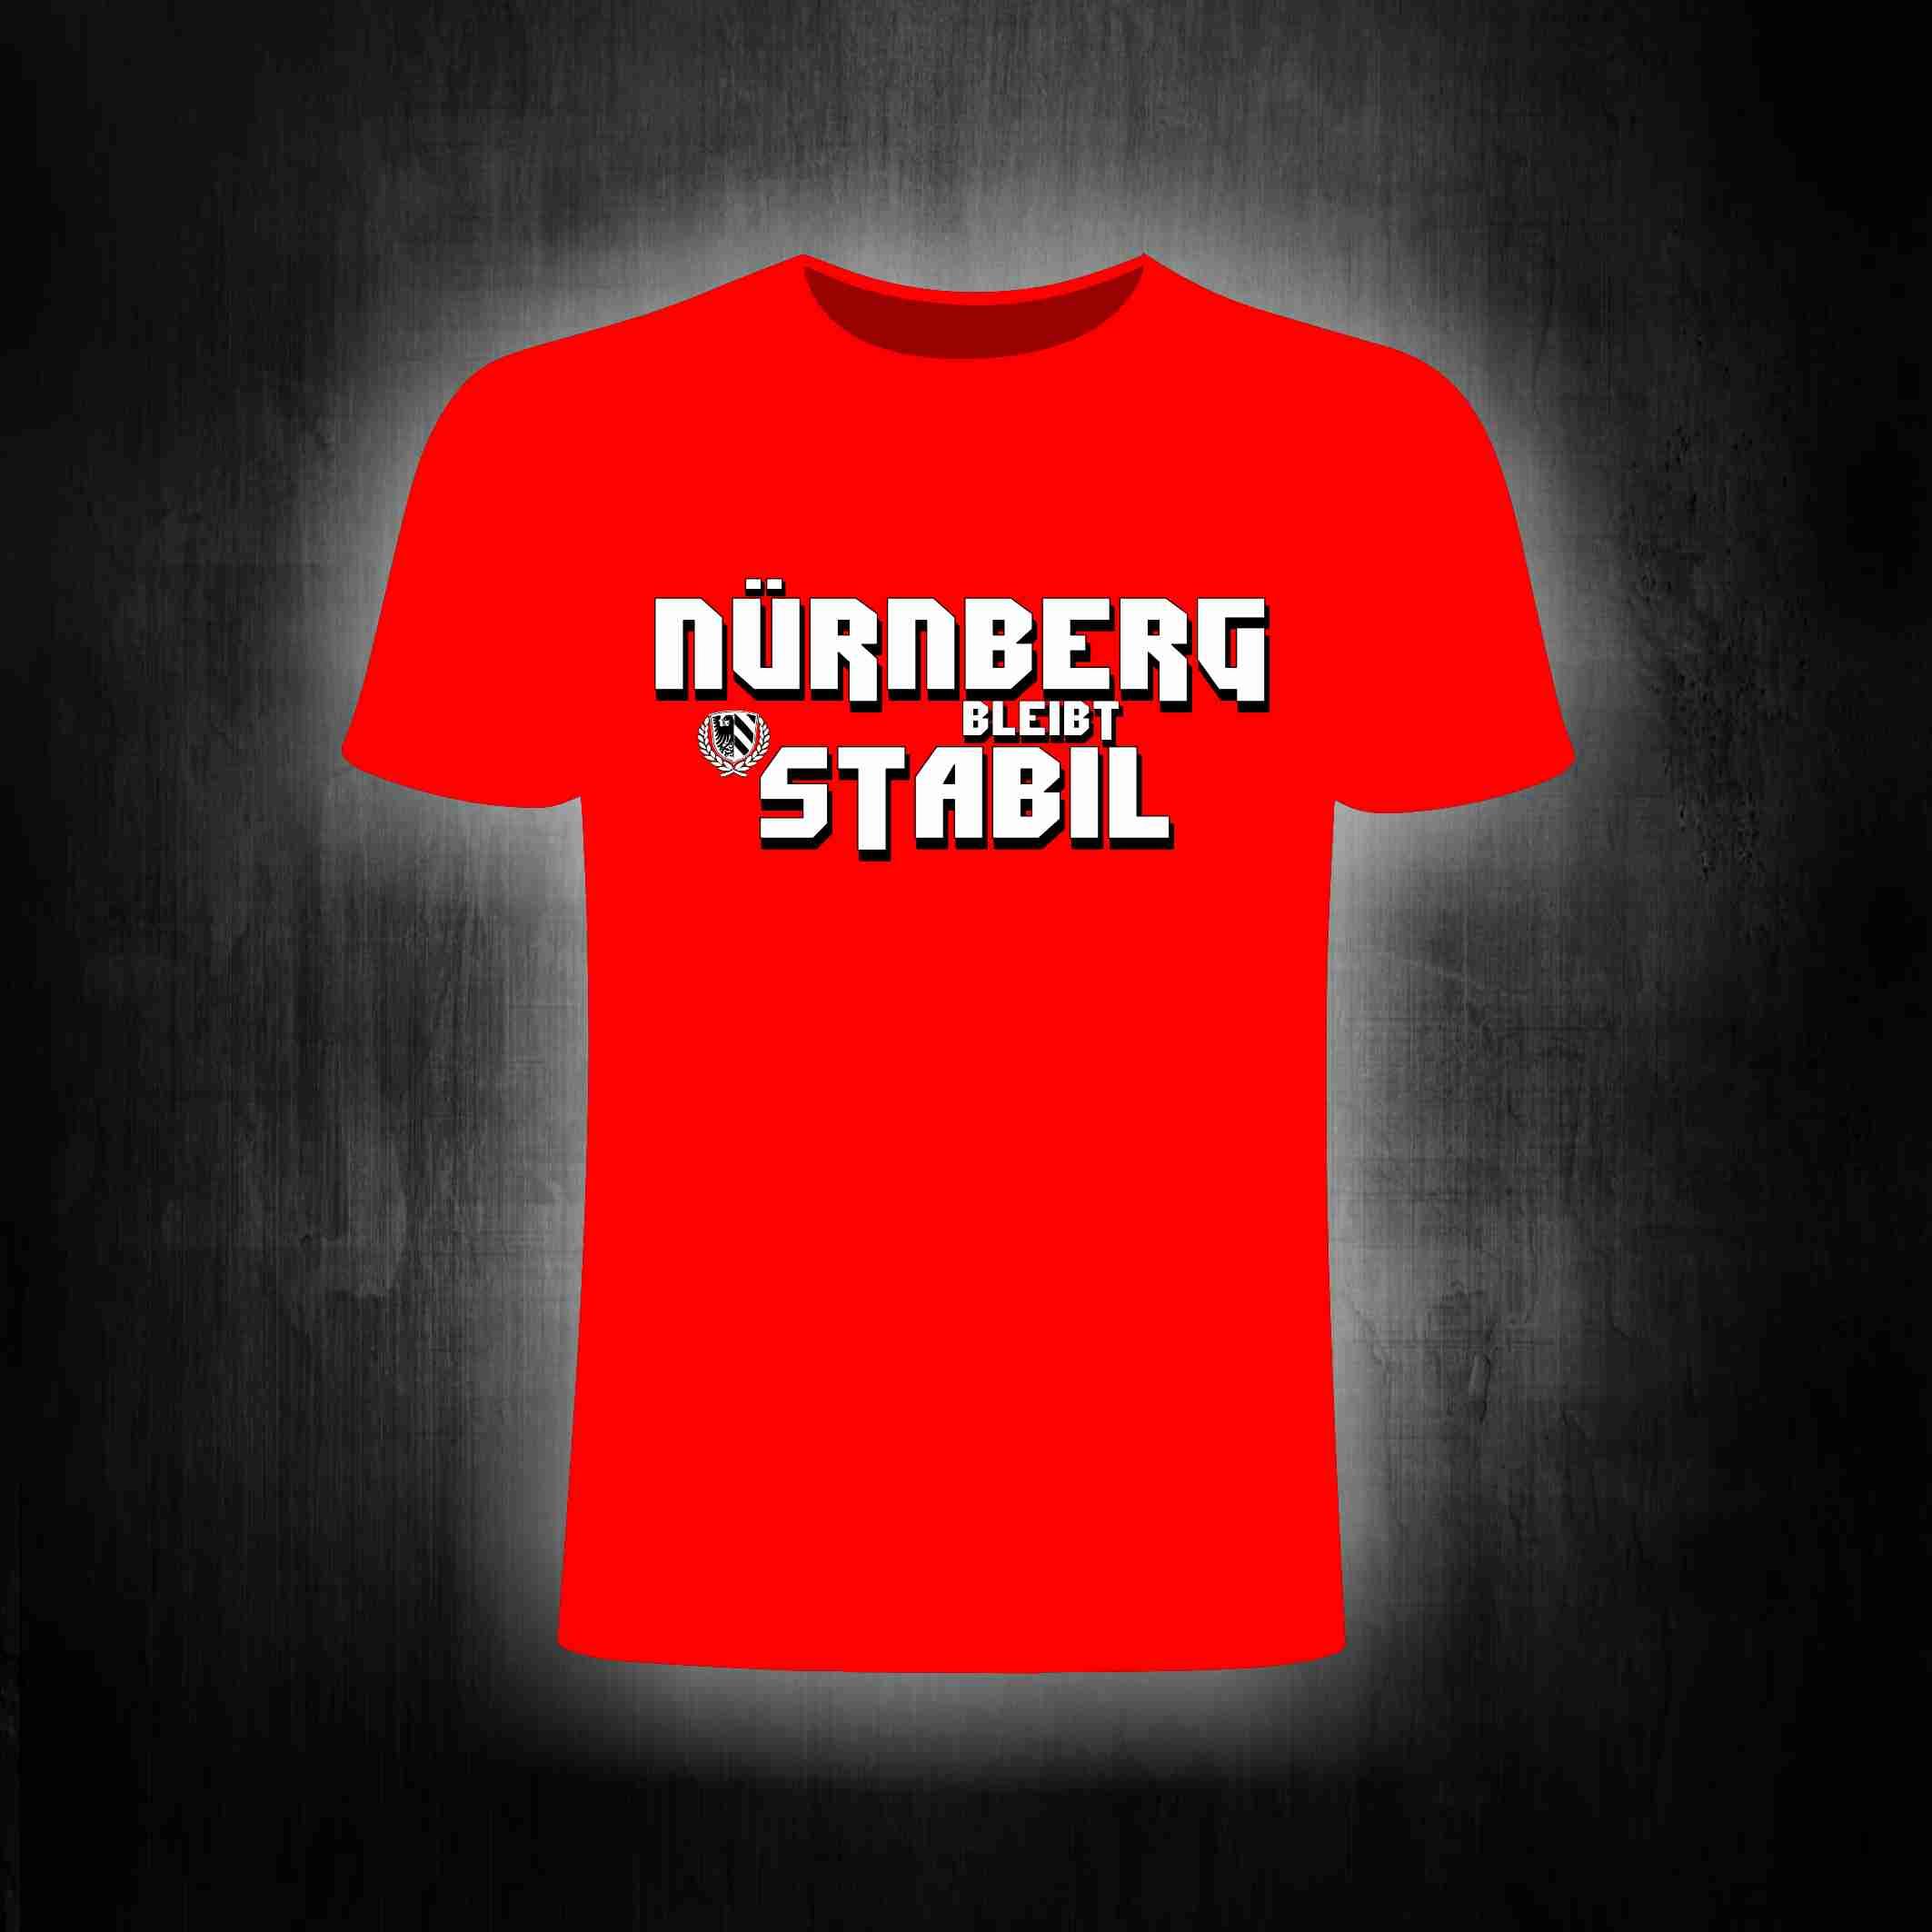 T-Shirt einseitig bedruckt - Nürnberg bleibt stabil